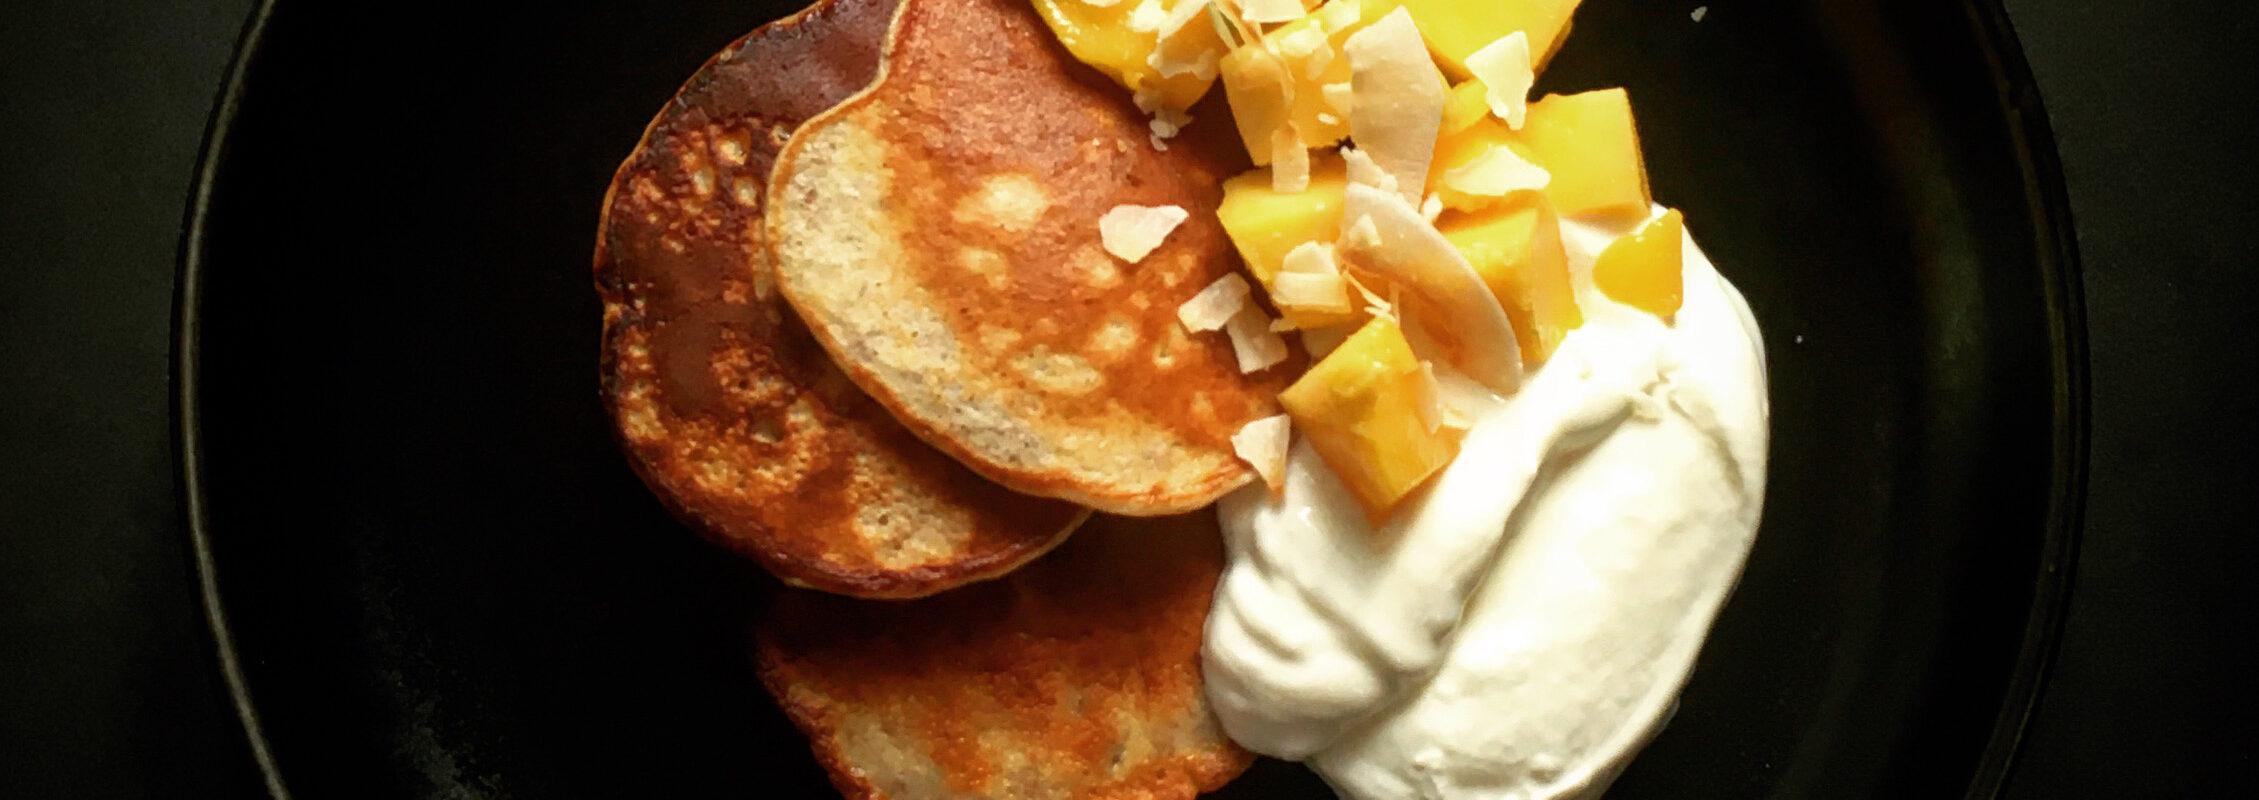 bananų blynai su speltų miltais